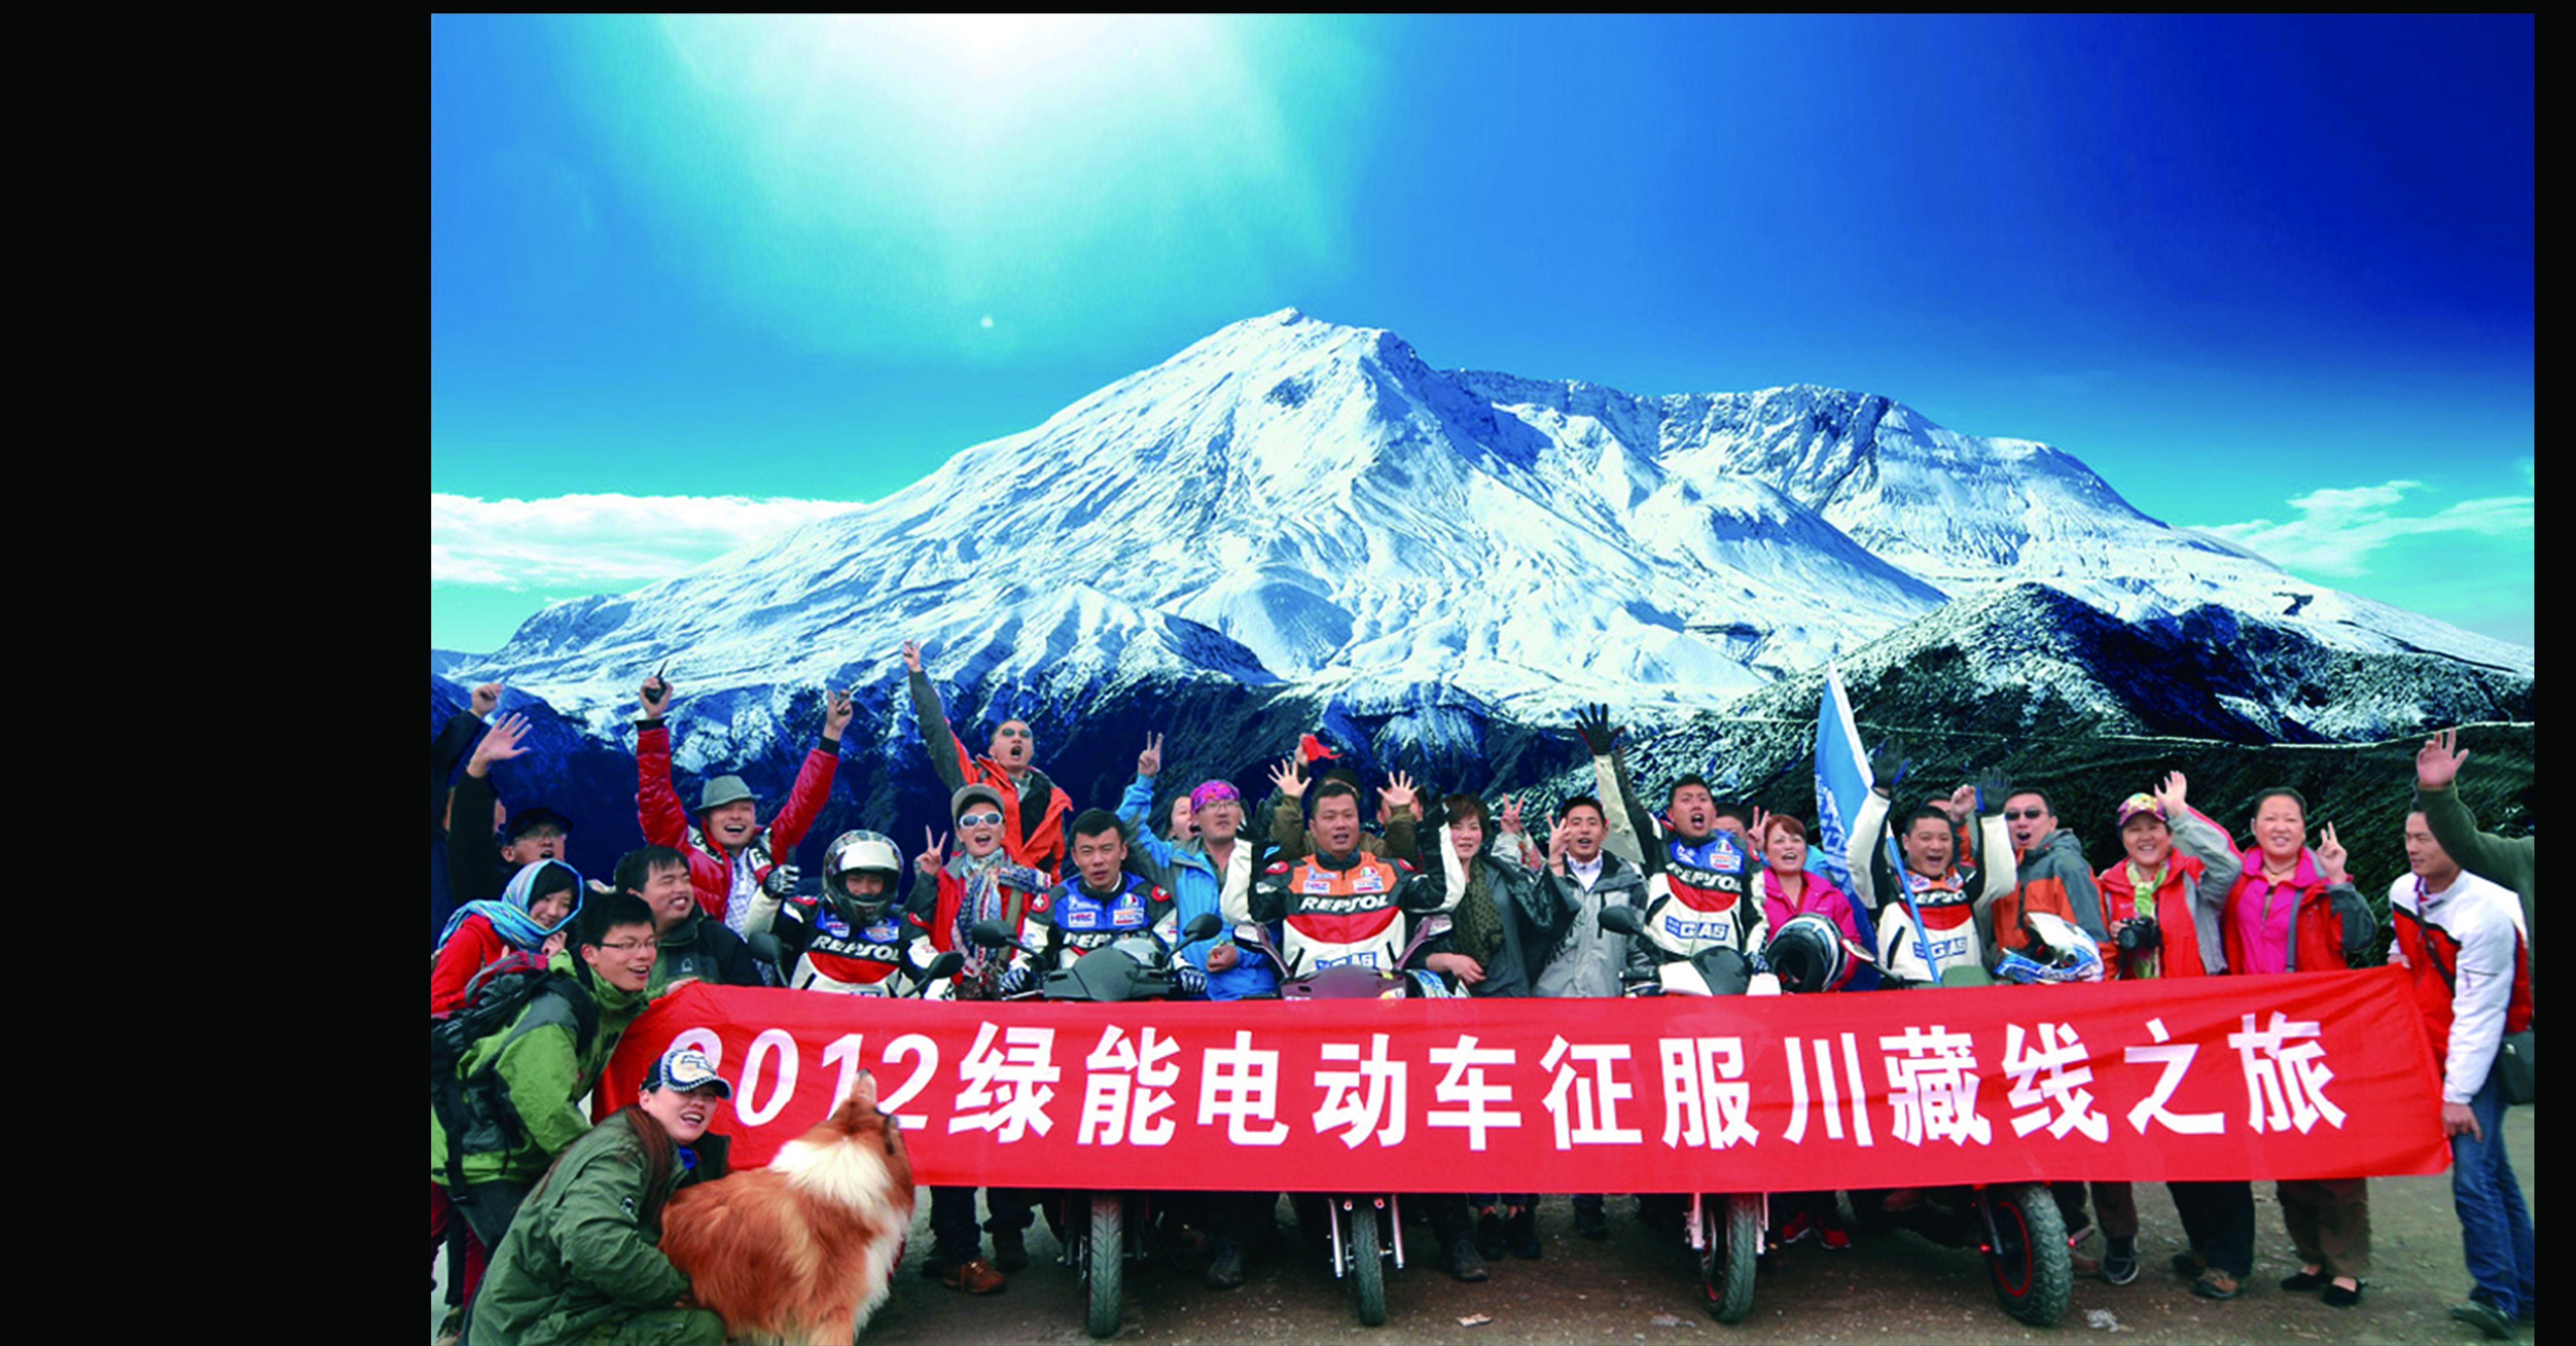 2012年 打造行业内跑得最远的雷竞技下载链接事件,雷竞技网页版勇闯2166公里川藏线破世界纪录。